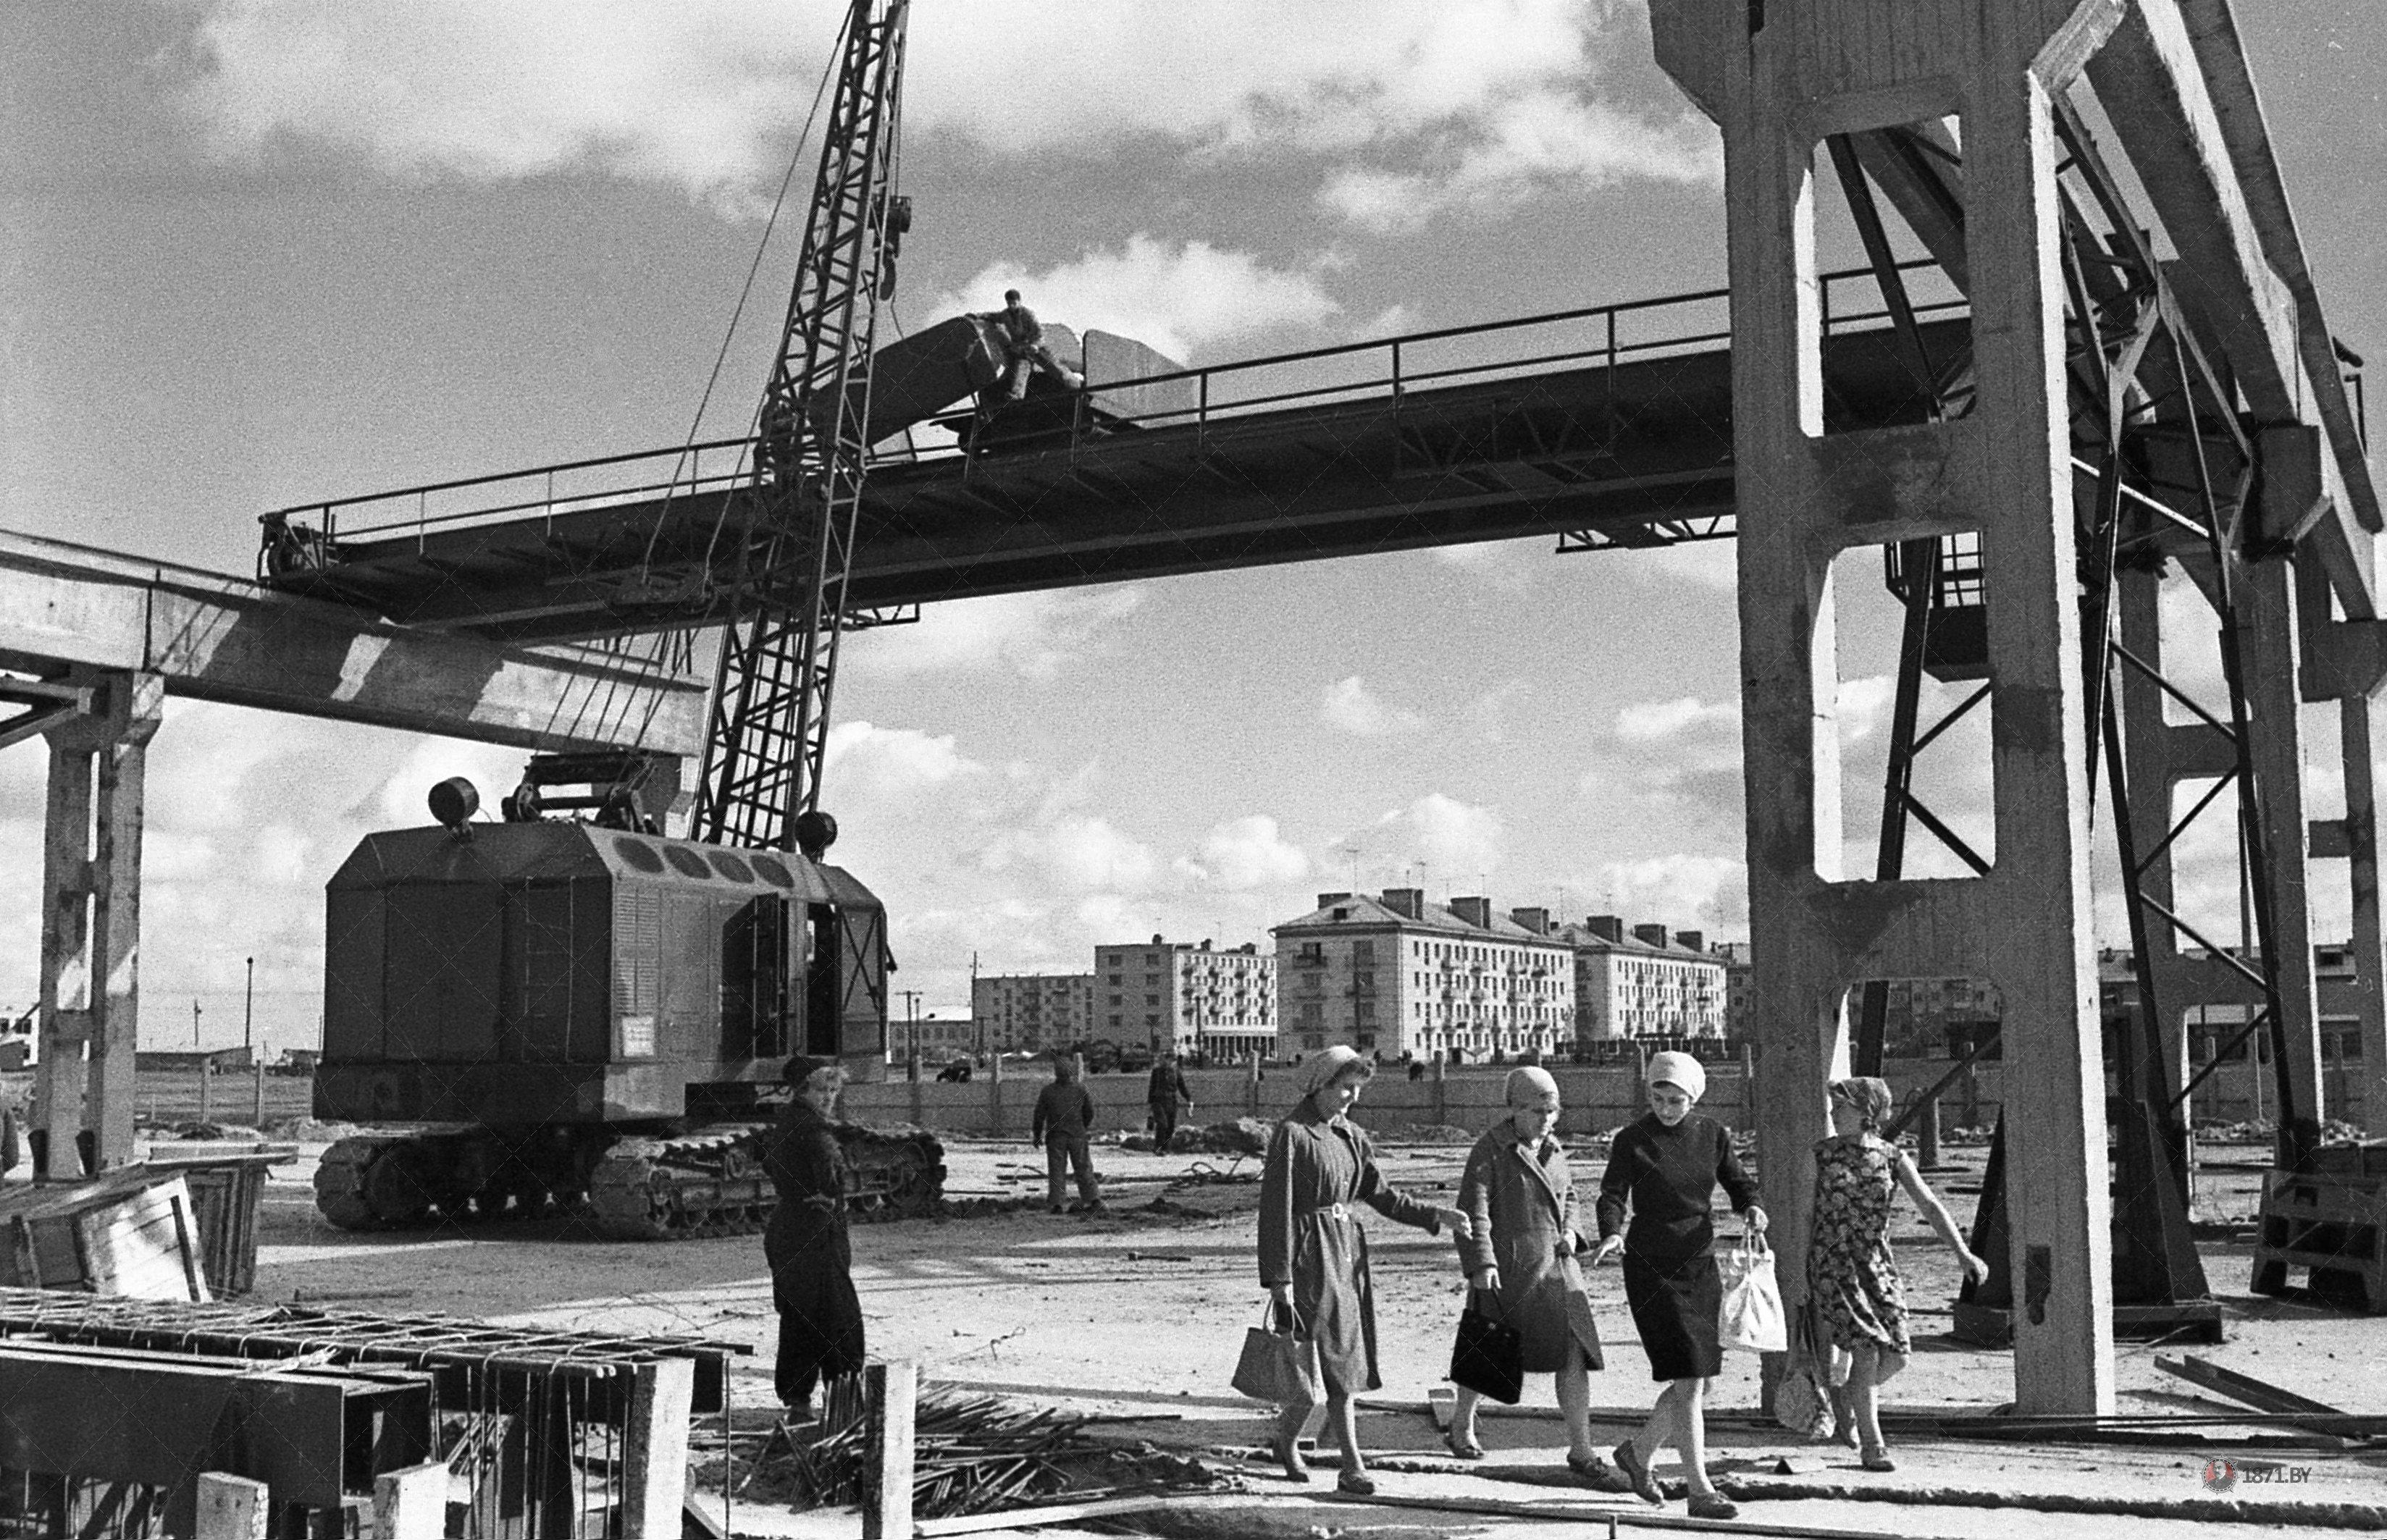 1963 год. Завод ЖБИ работает и строится. Идет монтаж кранов на складе готовой продукции.